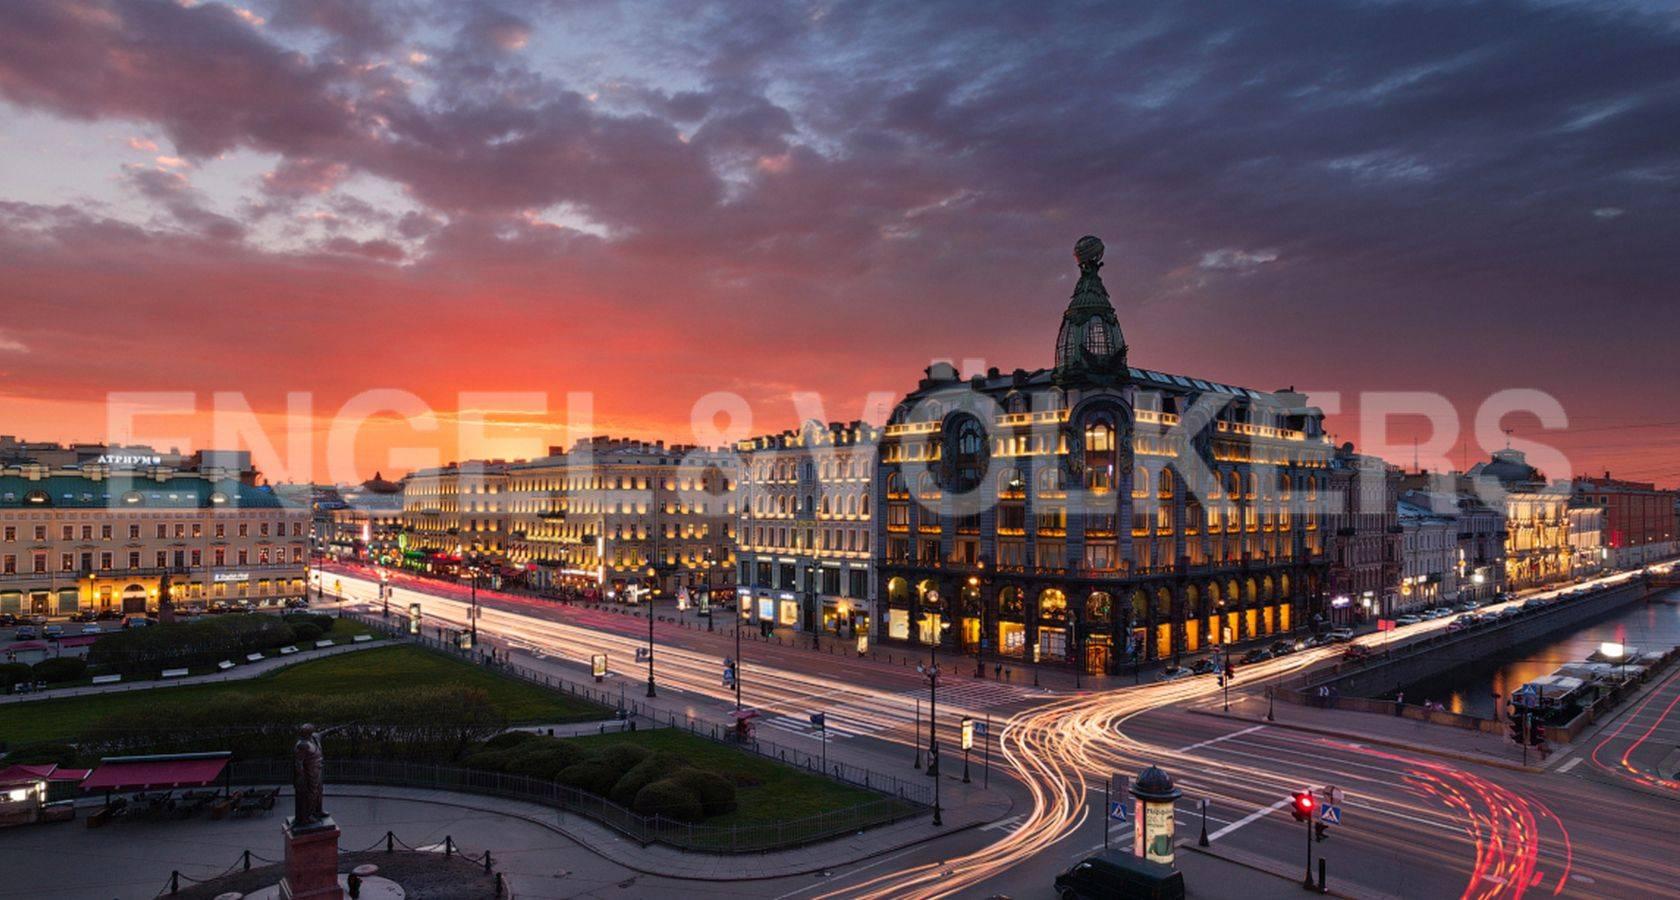 Элитные квартиры в Центральном районе. Санкт-Петербург, Большая Морская, 4. Невский проспект